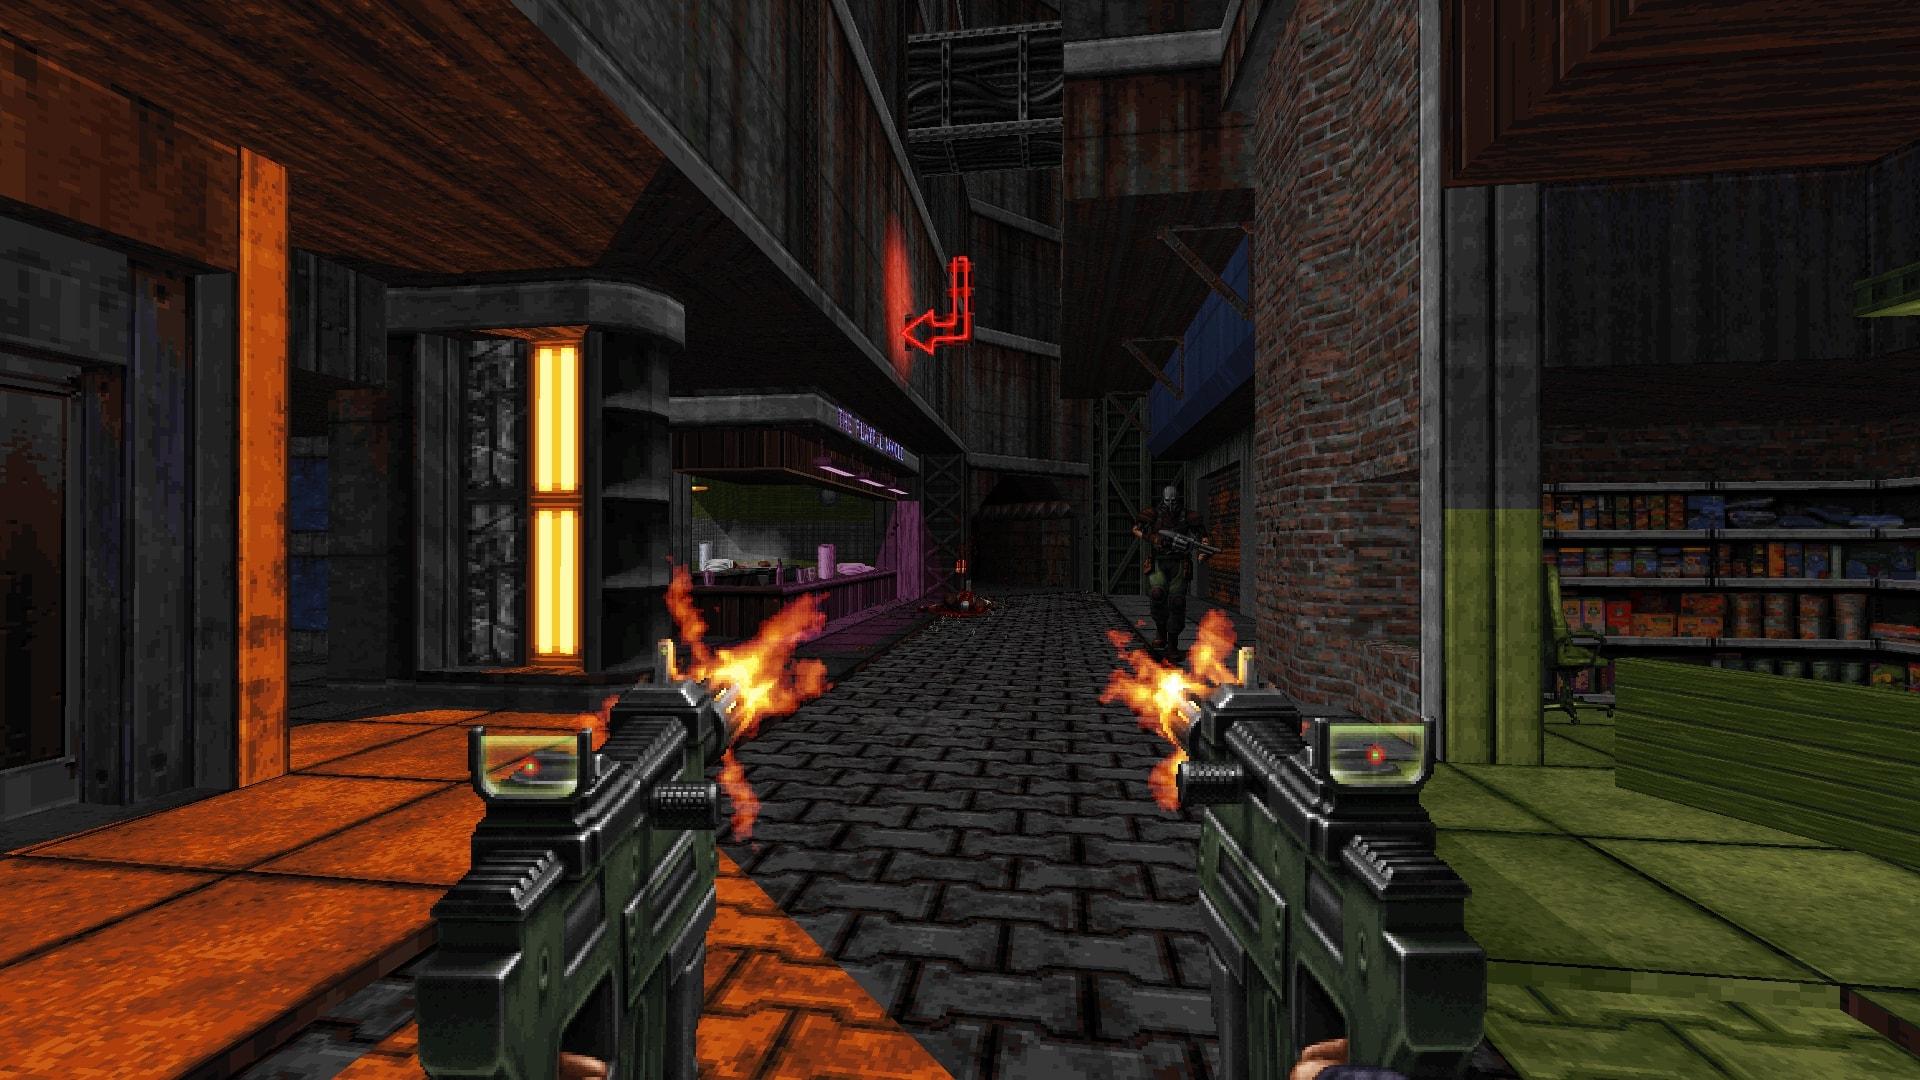 Iron Maiden lawsuit forces renaming of Duke Nukem successor